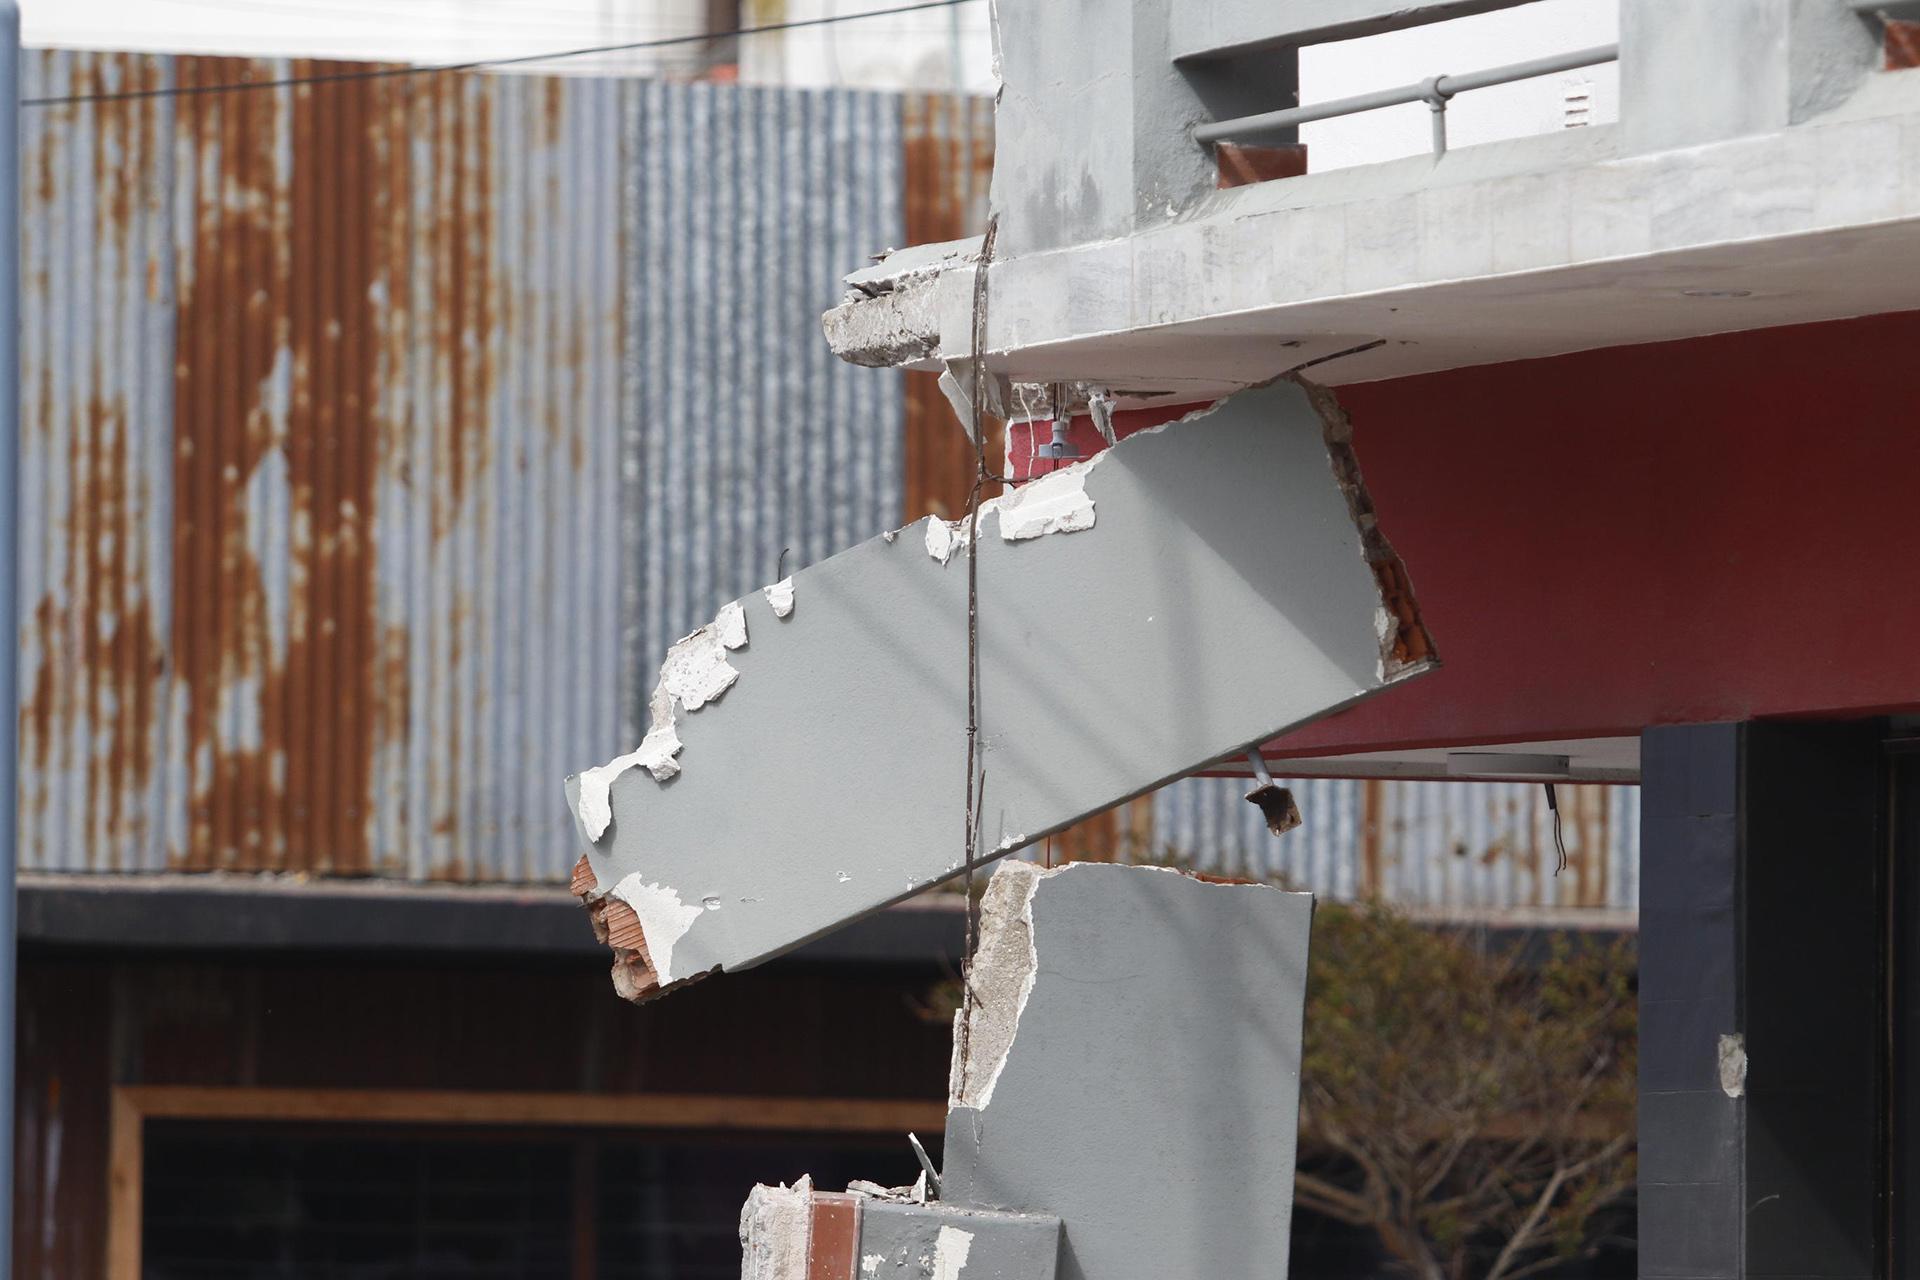 Aún se desconoce el motivo por el cual se derrumbaron los balcones